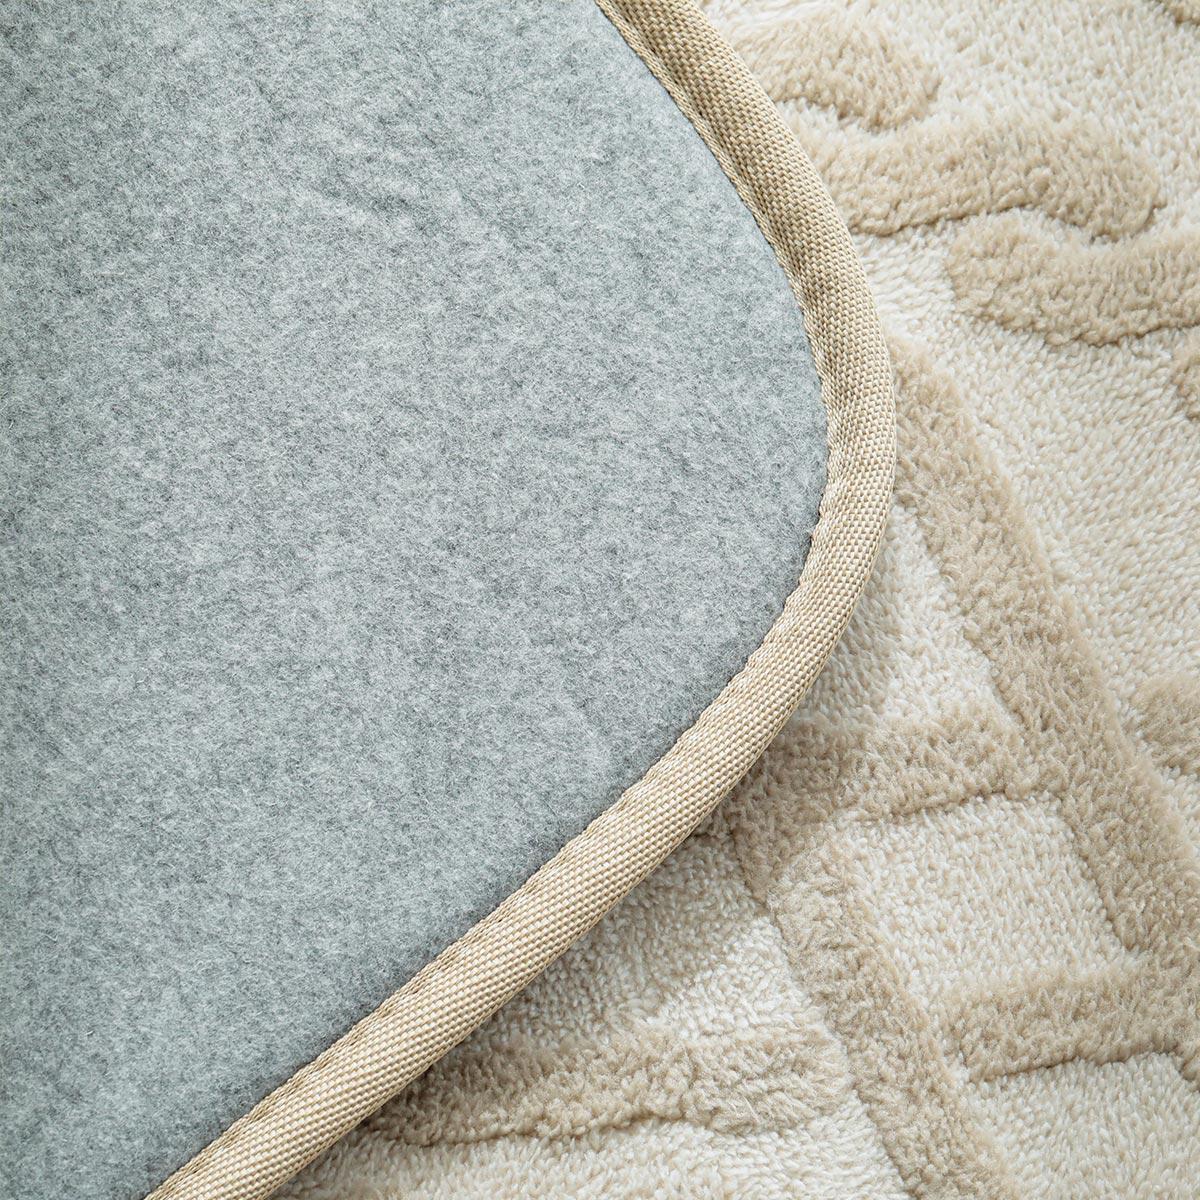 ホットカーペット&床暖対応。オールシーズンお使いいただけます。